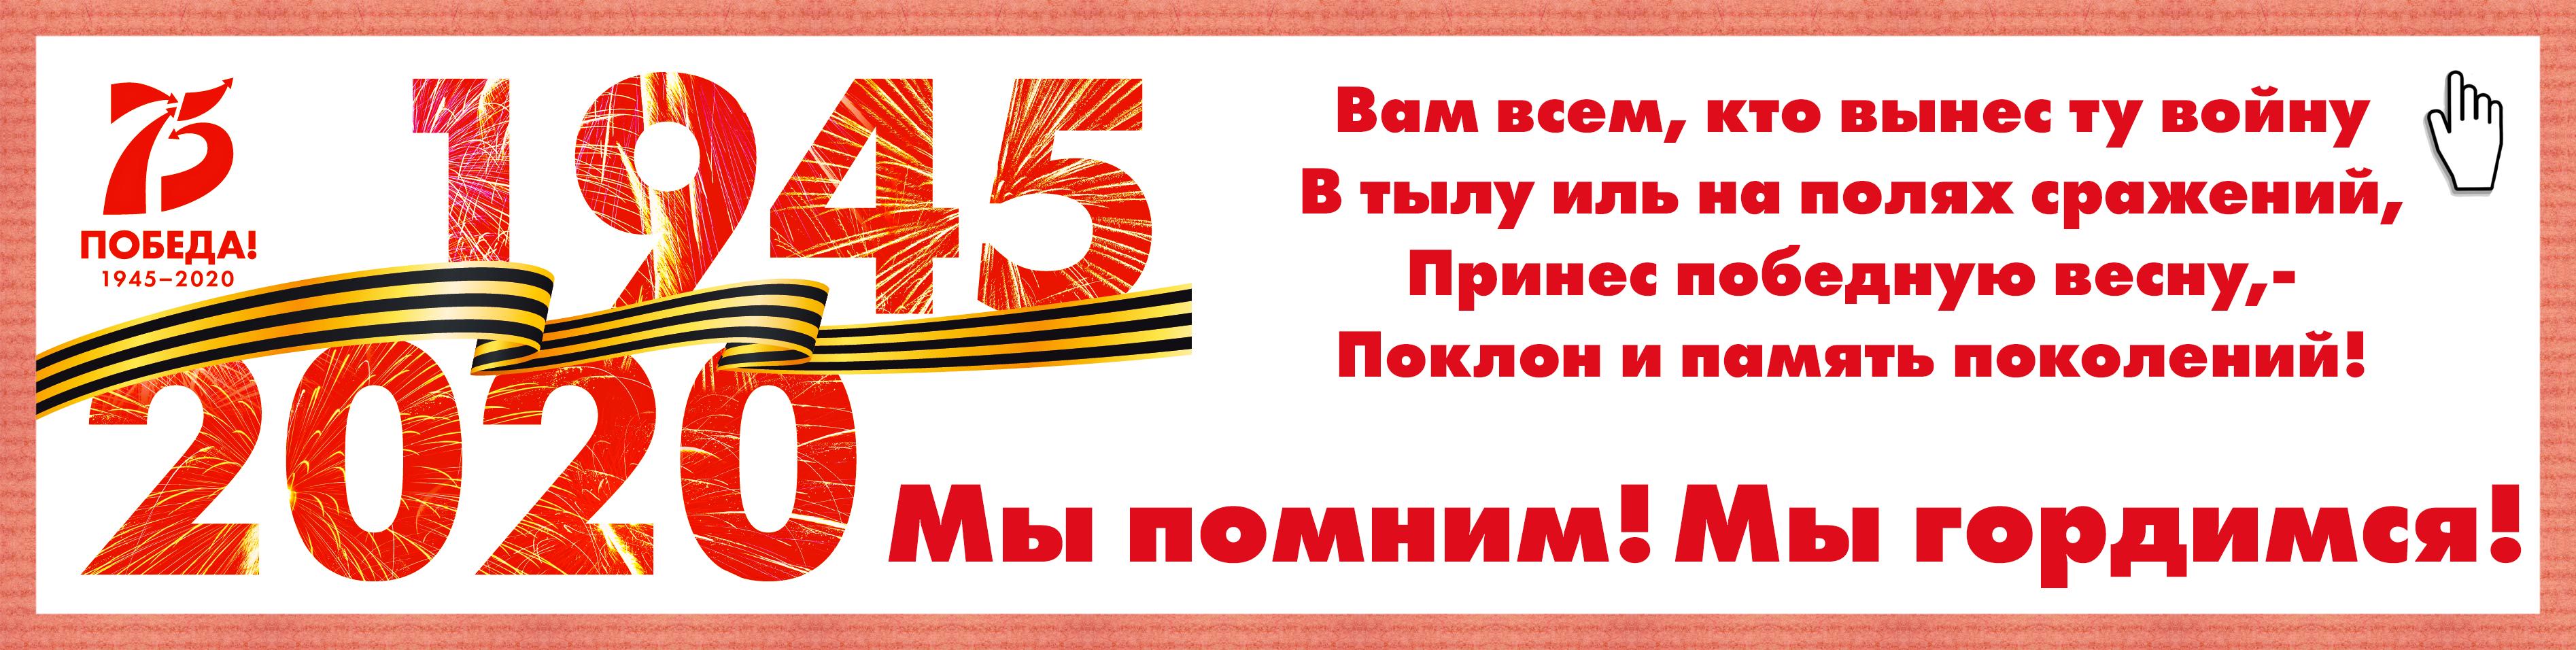 Акция к 75-летию победы «Мы помним! Мы гордимся!»